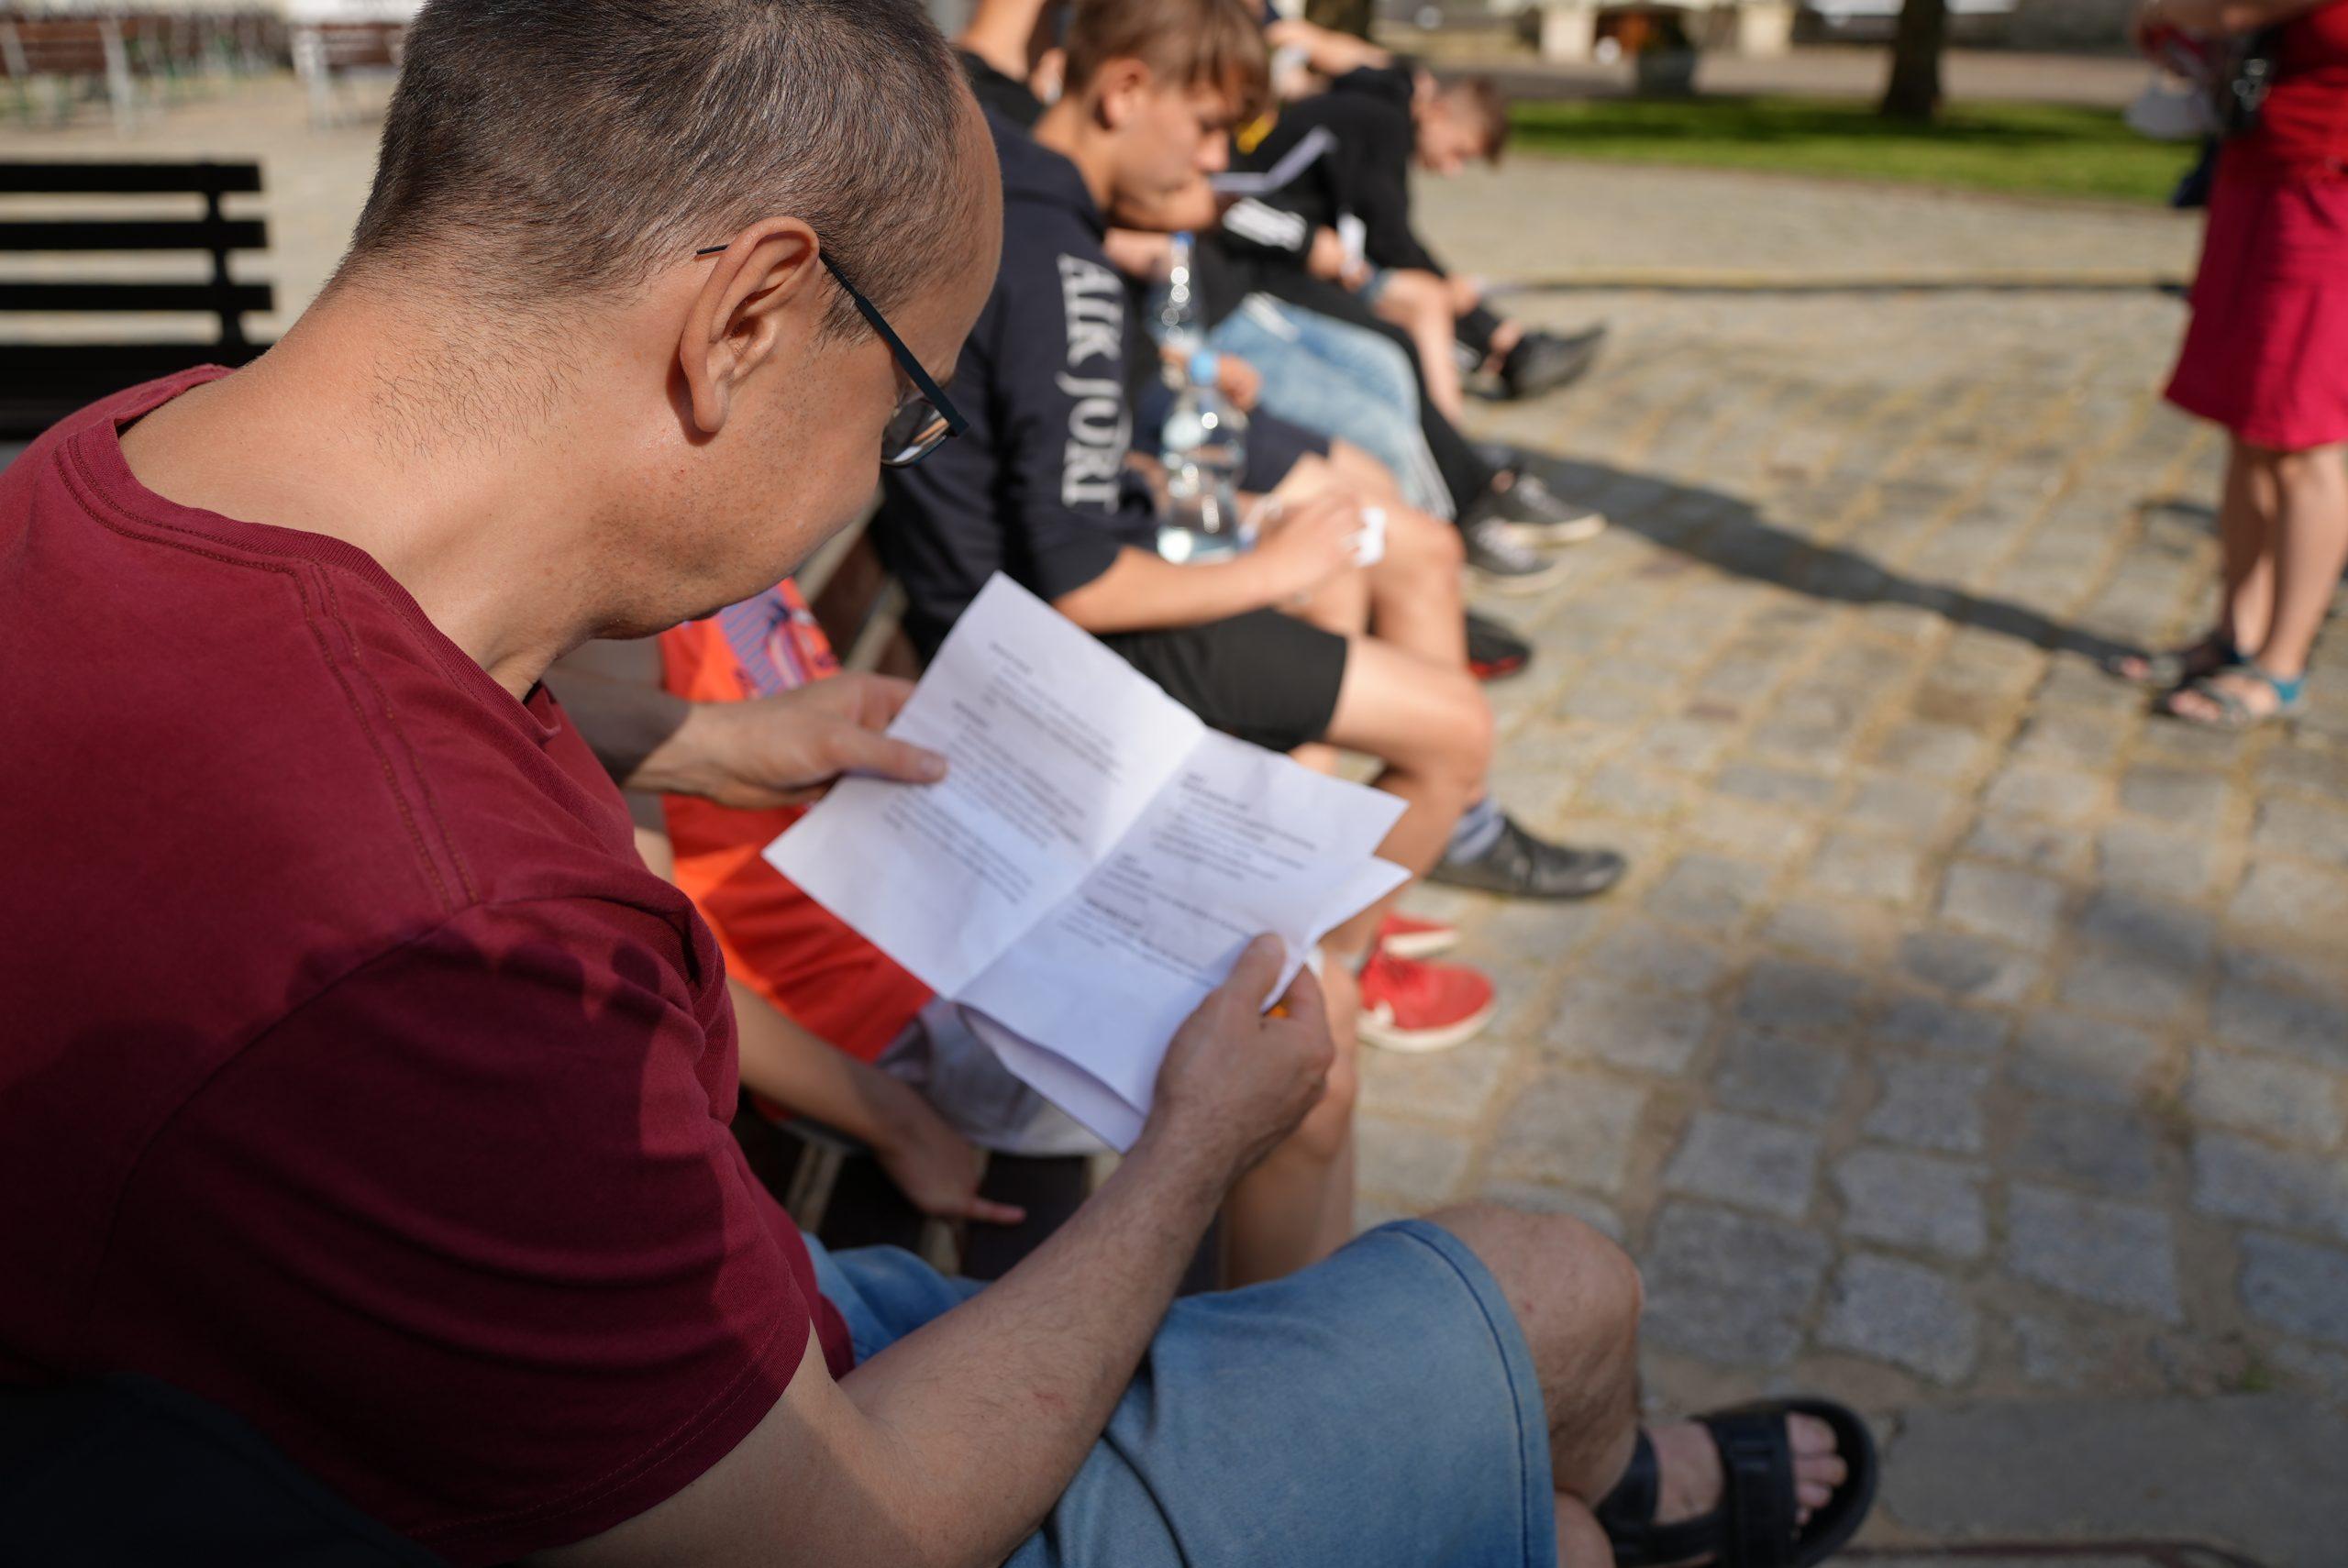 Uczestnicy spaceru oglądają materiały